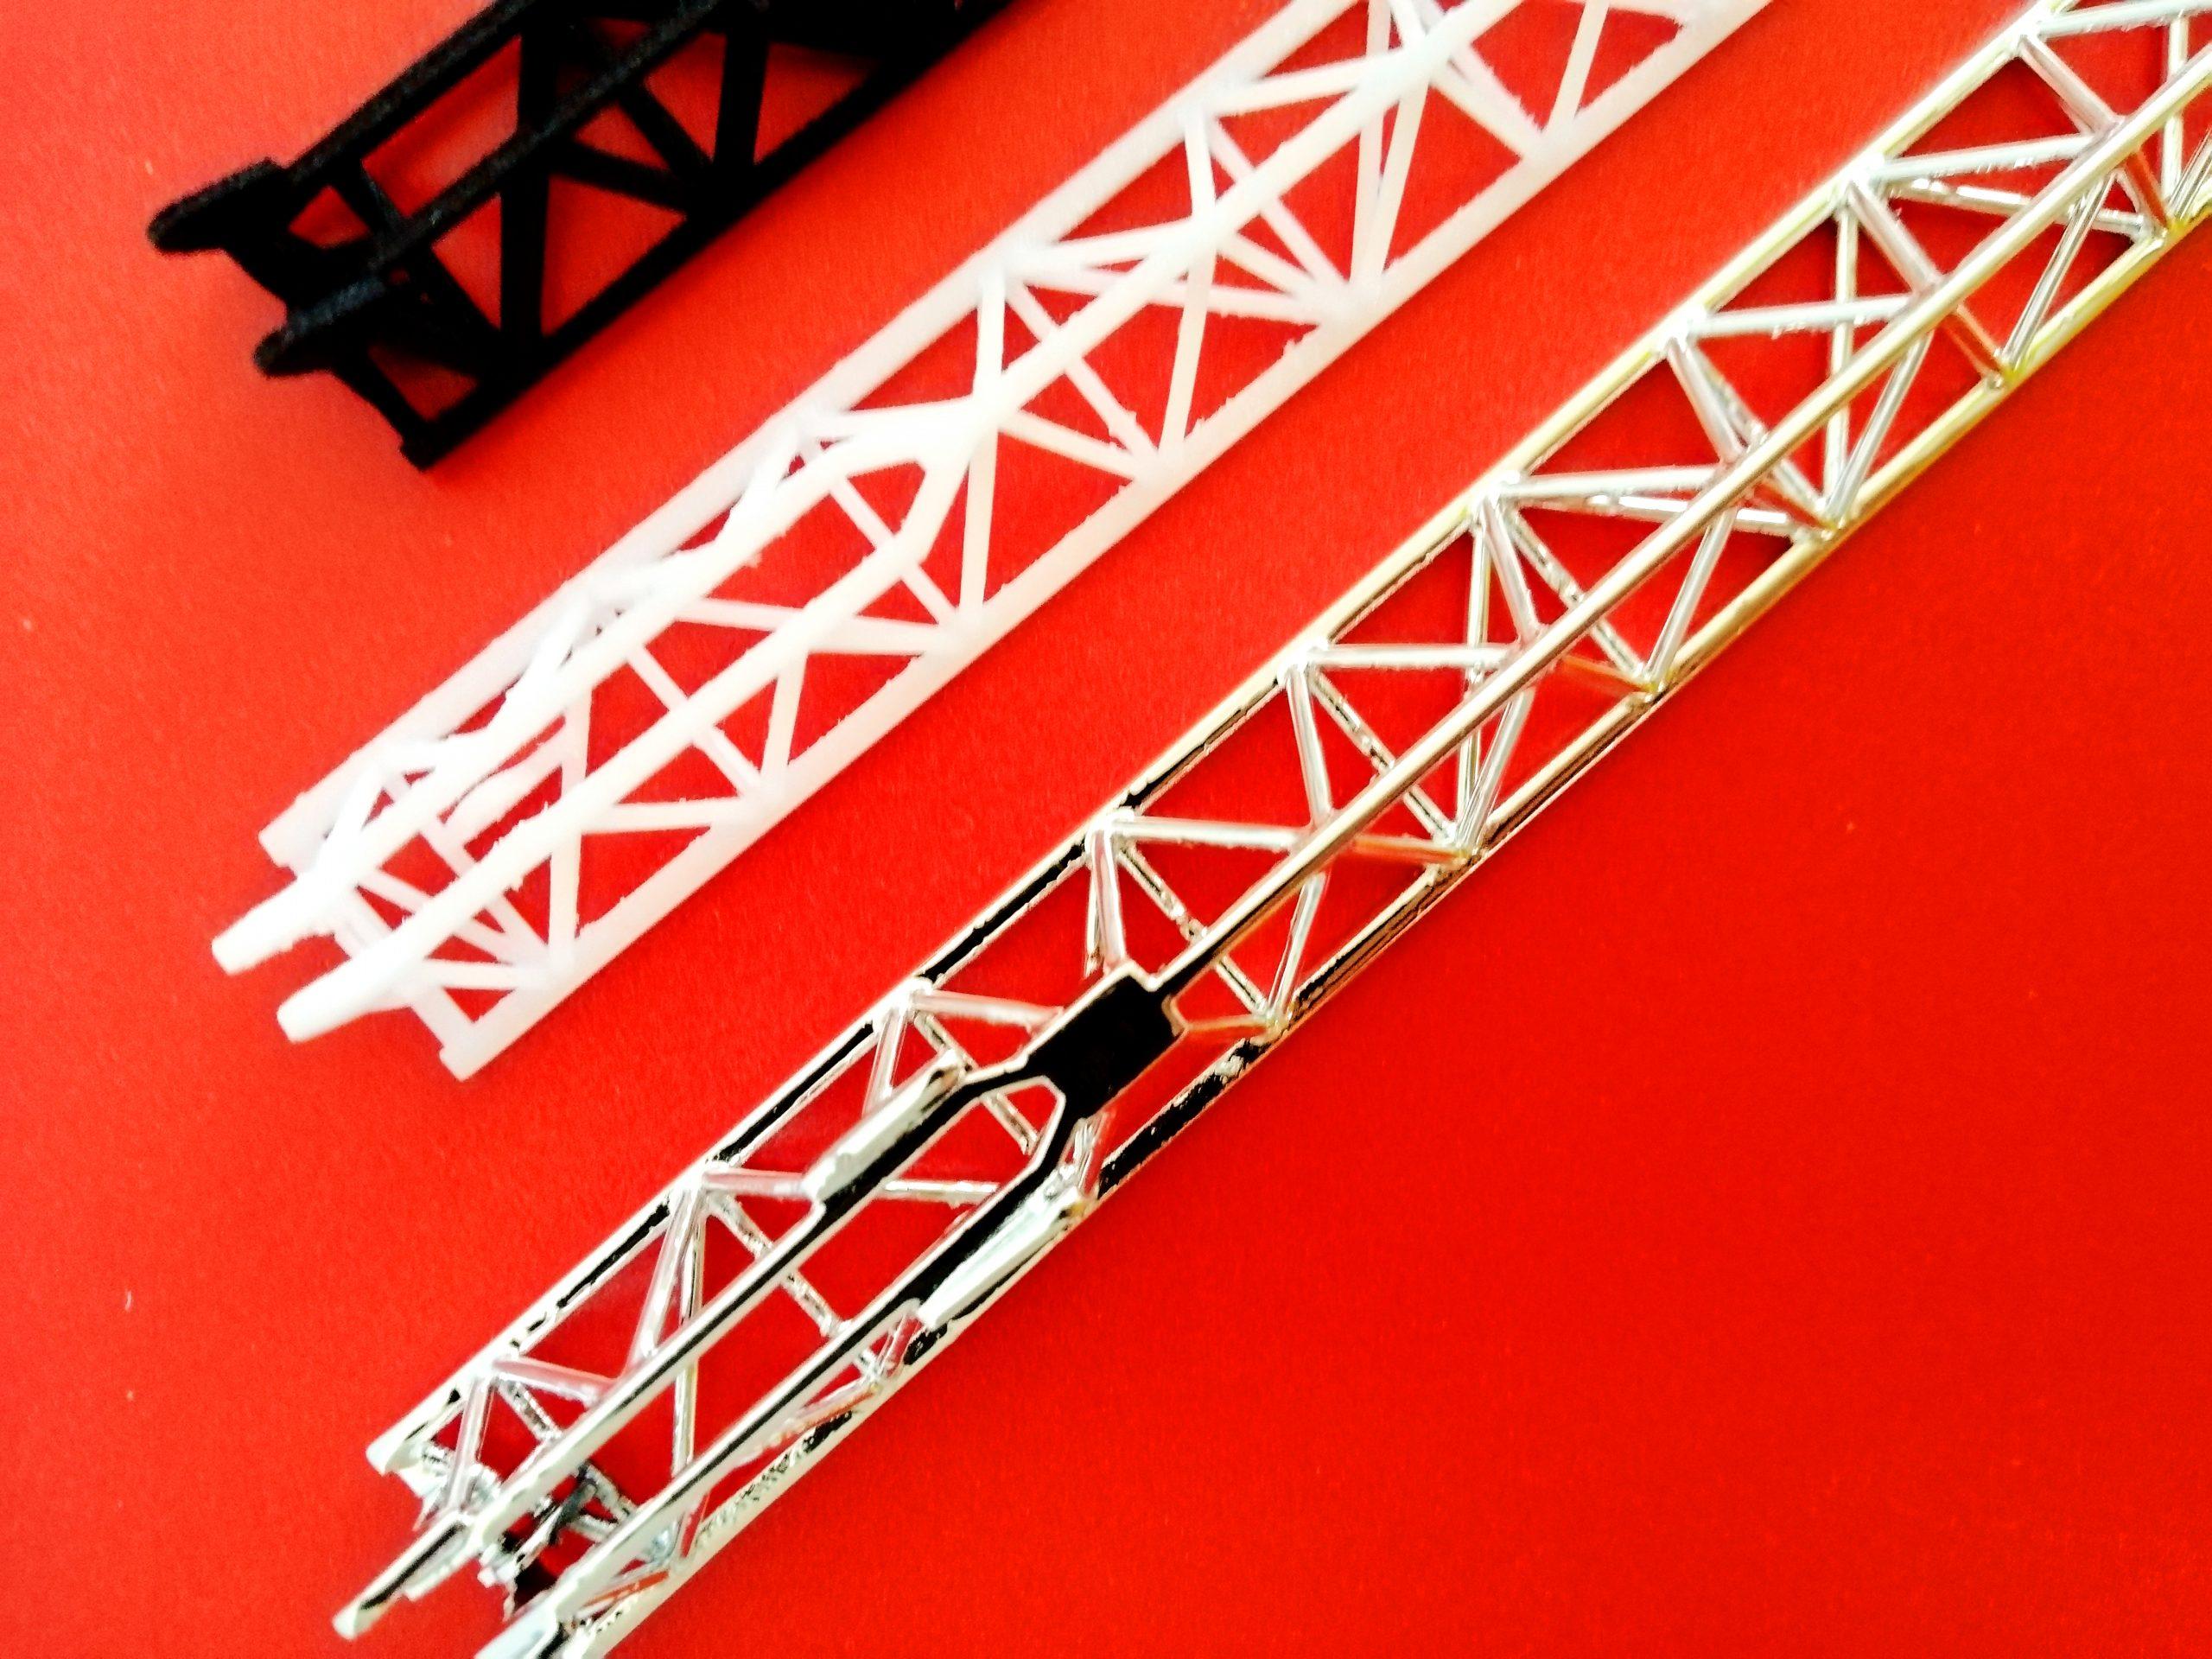 Modellismo Gru Cantiere Stampa 3D Metallizzazione - KreaItaly, Stampa 3d - Stampanti 3d Marche - Stampanti 3D prezzi - Aziende stampa 3d